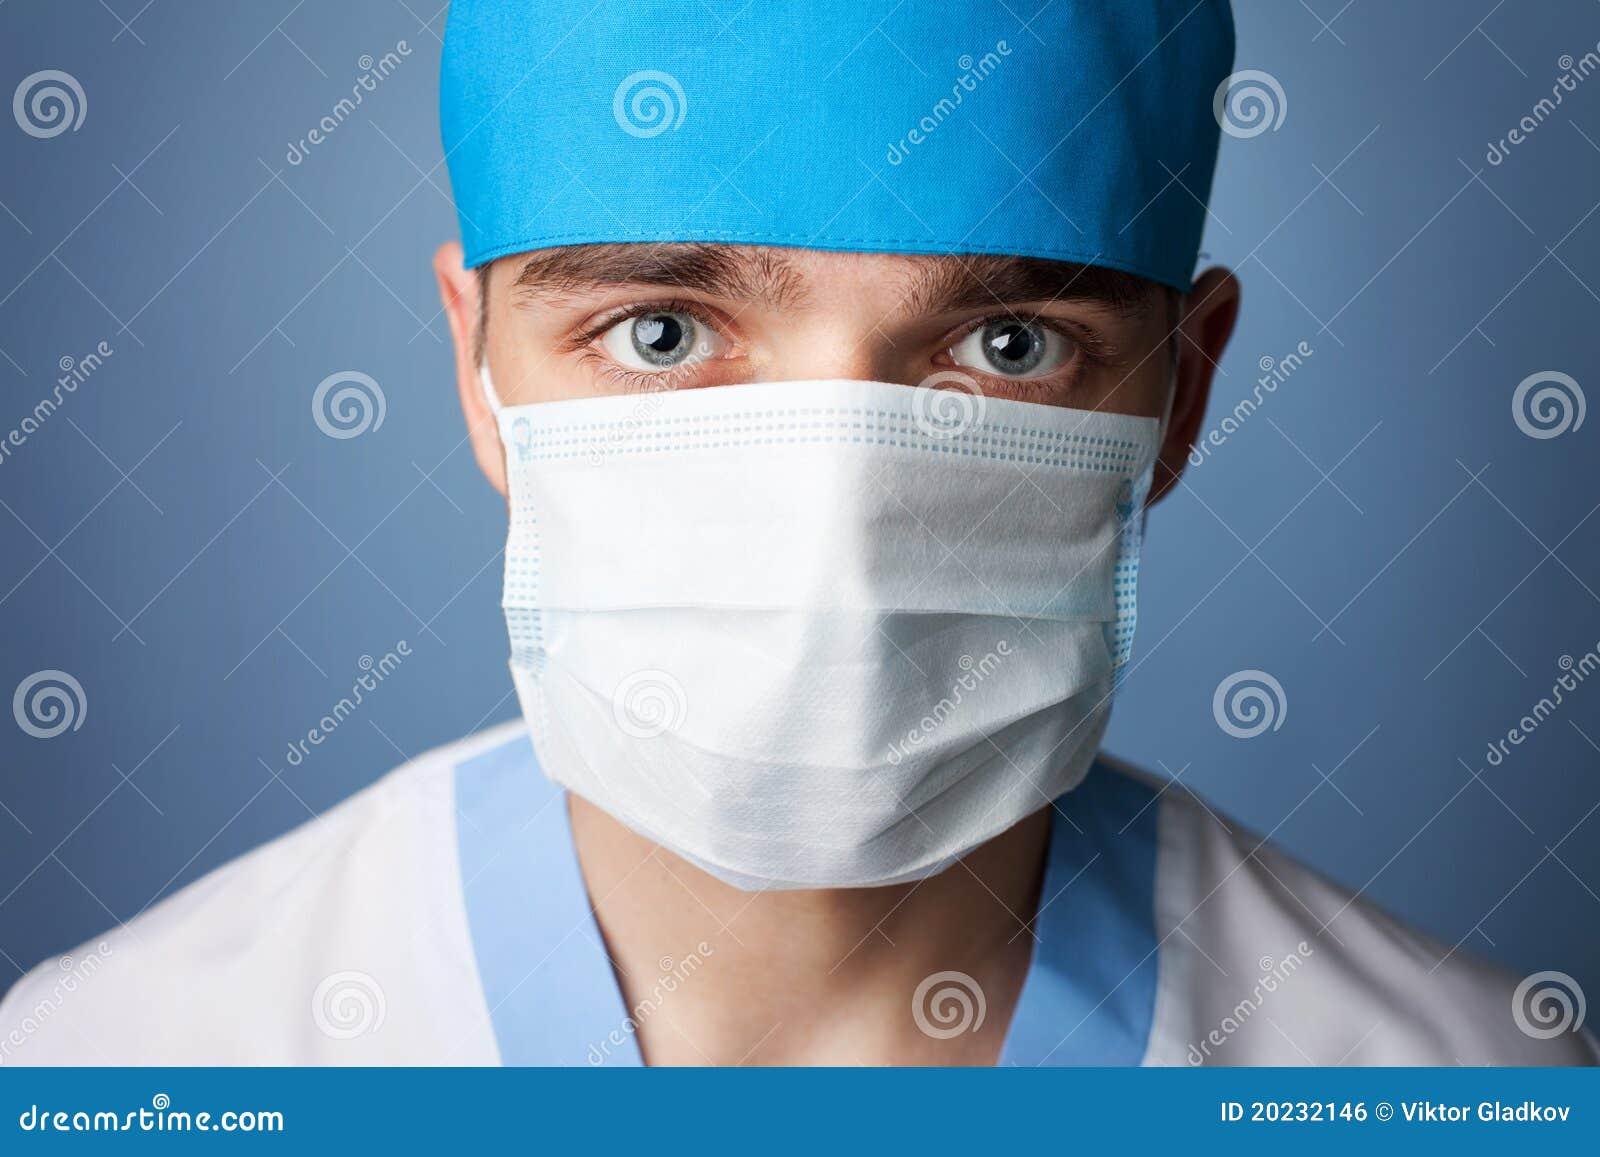 Medical Doctor In Mask...